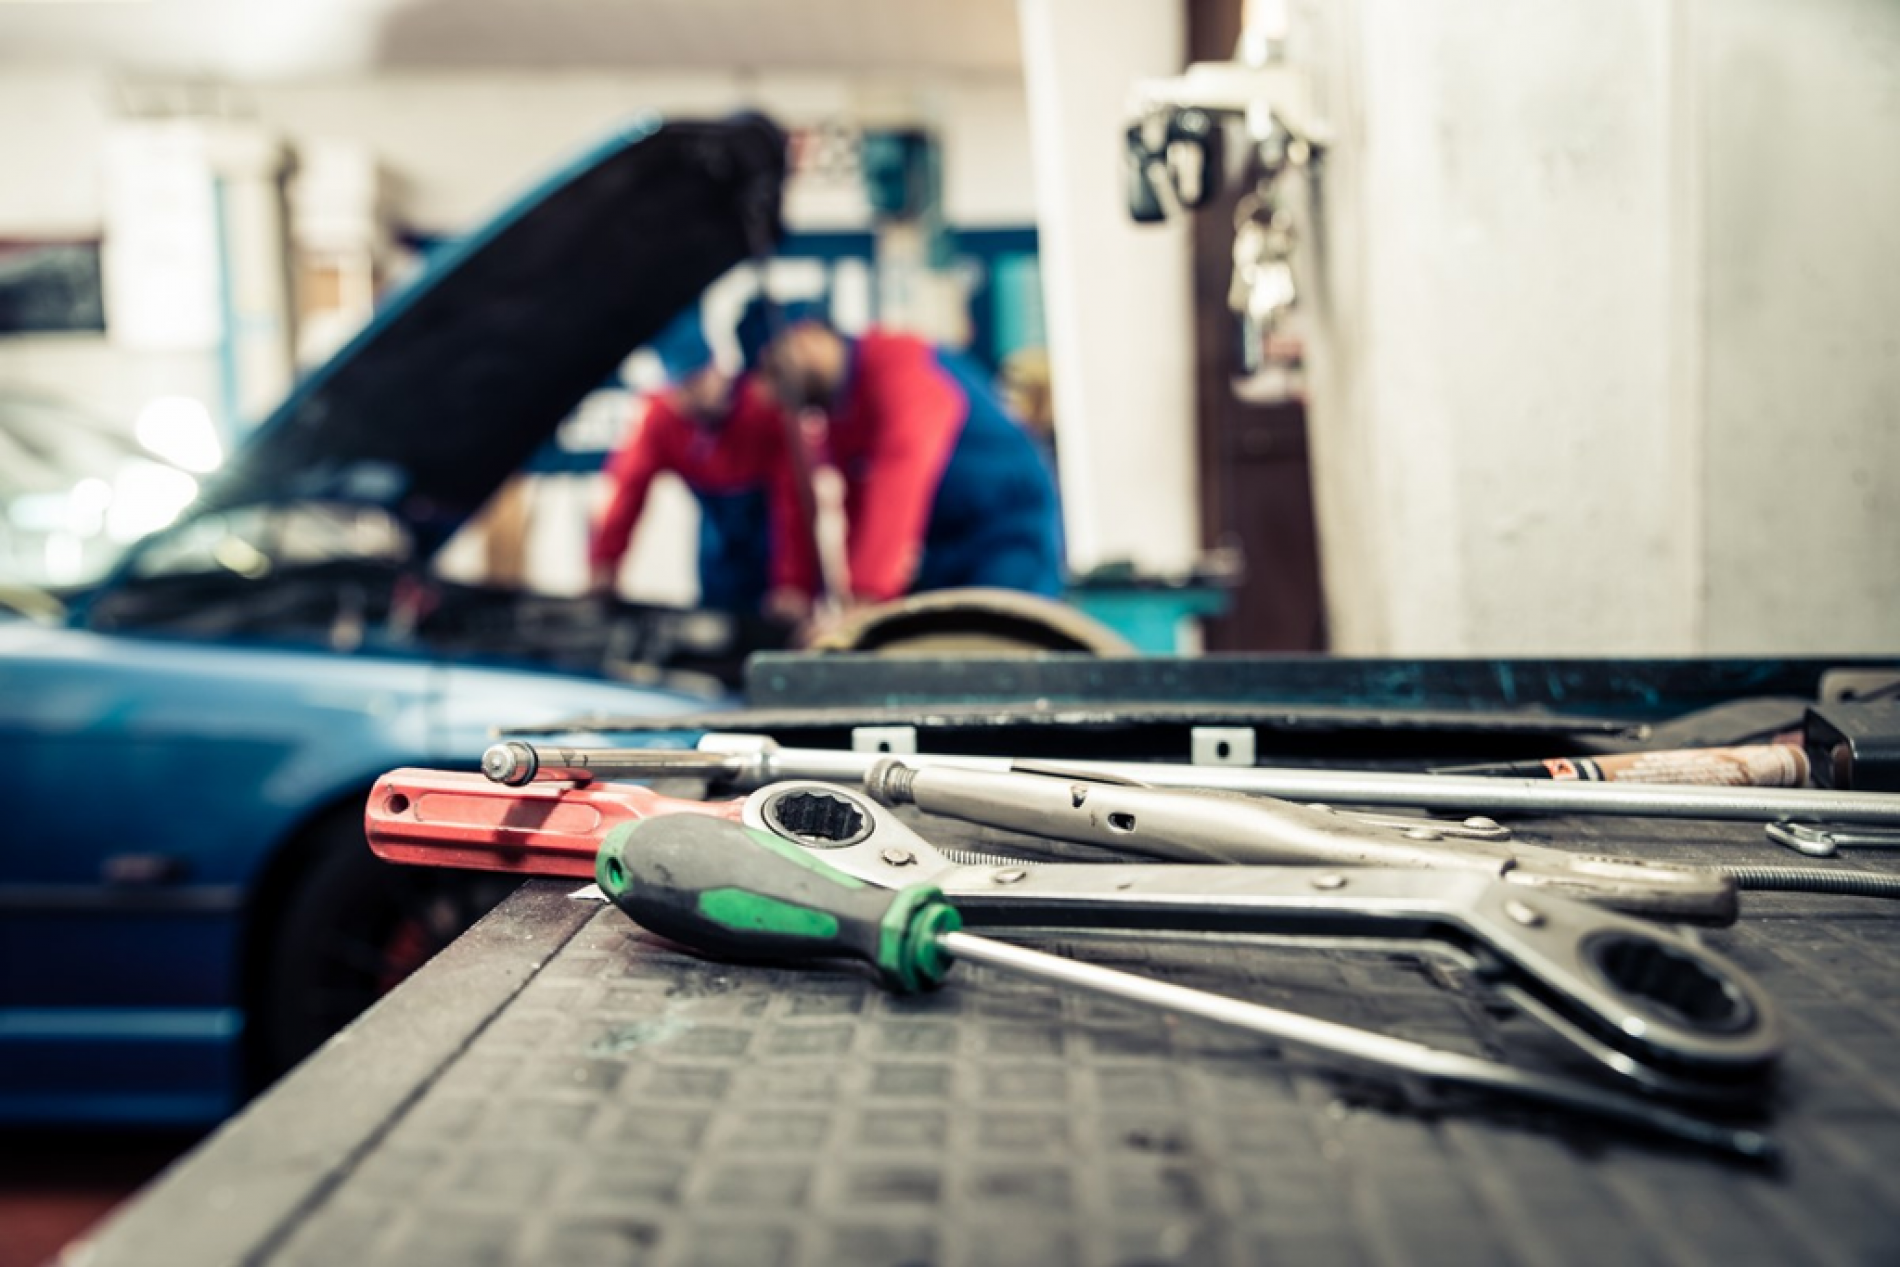 BARRETOS: Borracheiro é preso após tentar furtar centenas de chaves em oficina mecânica